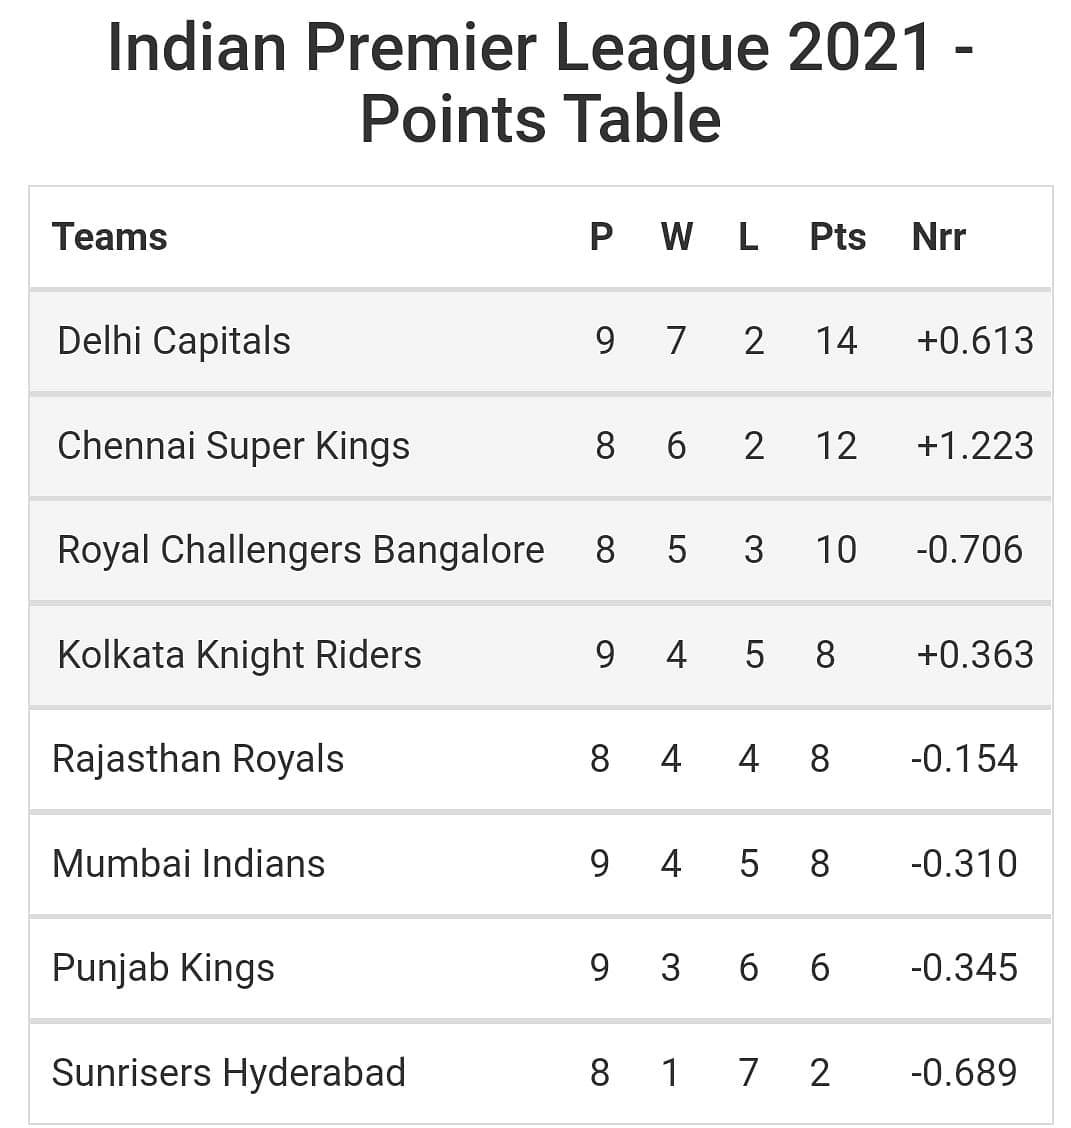 IPL 2021 Points Table: दूसरा फेज शुरू होते ही बदल गयी प्लेऑफ की तसवीर, KKR ने किया बड़ा उलट-फेर